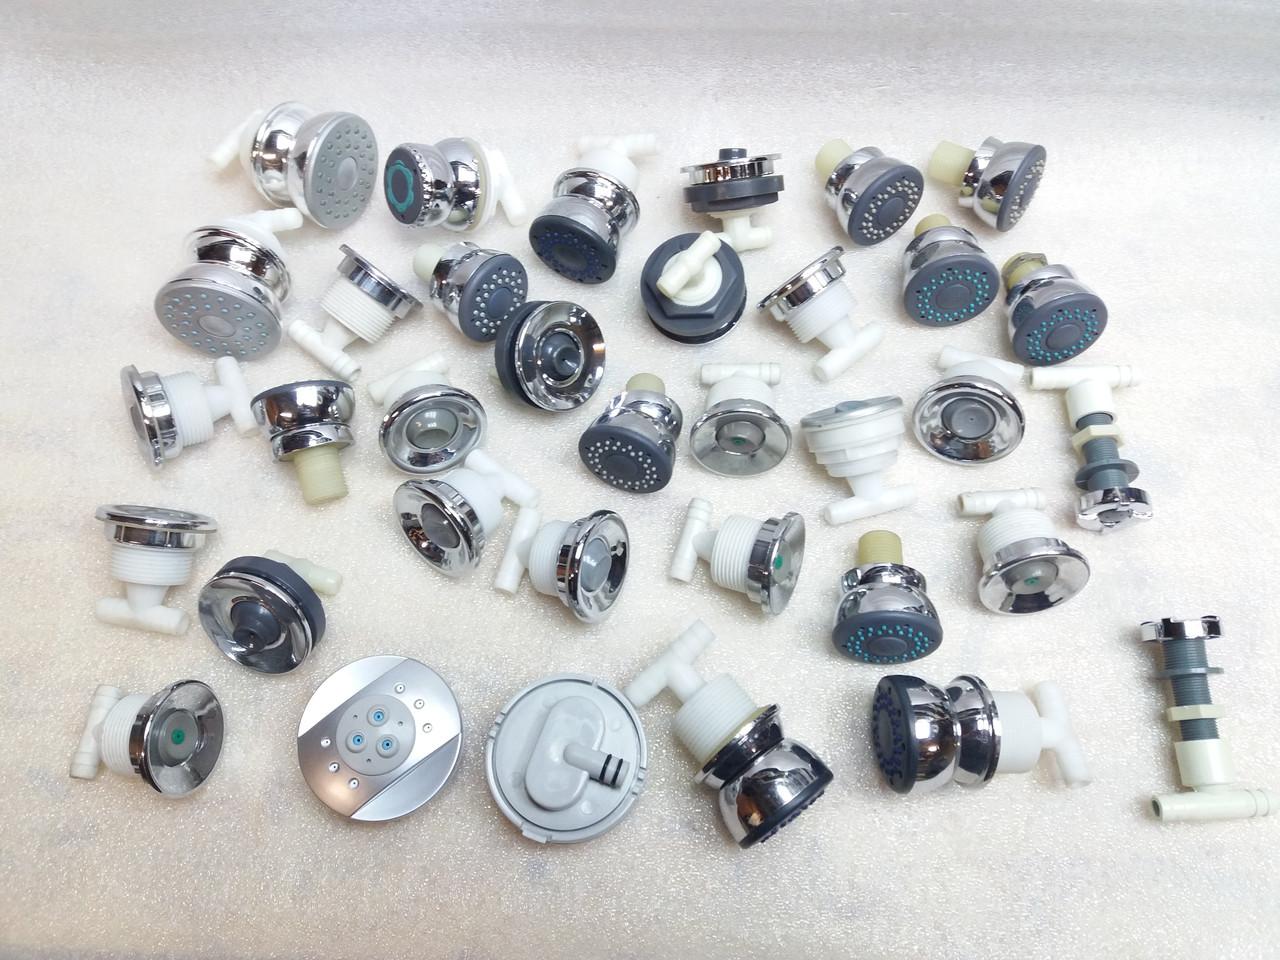 Гидромассажные форсунки для душевой кабины, бокса запчасти детали и комплектующие